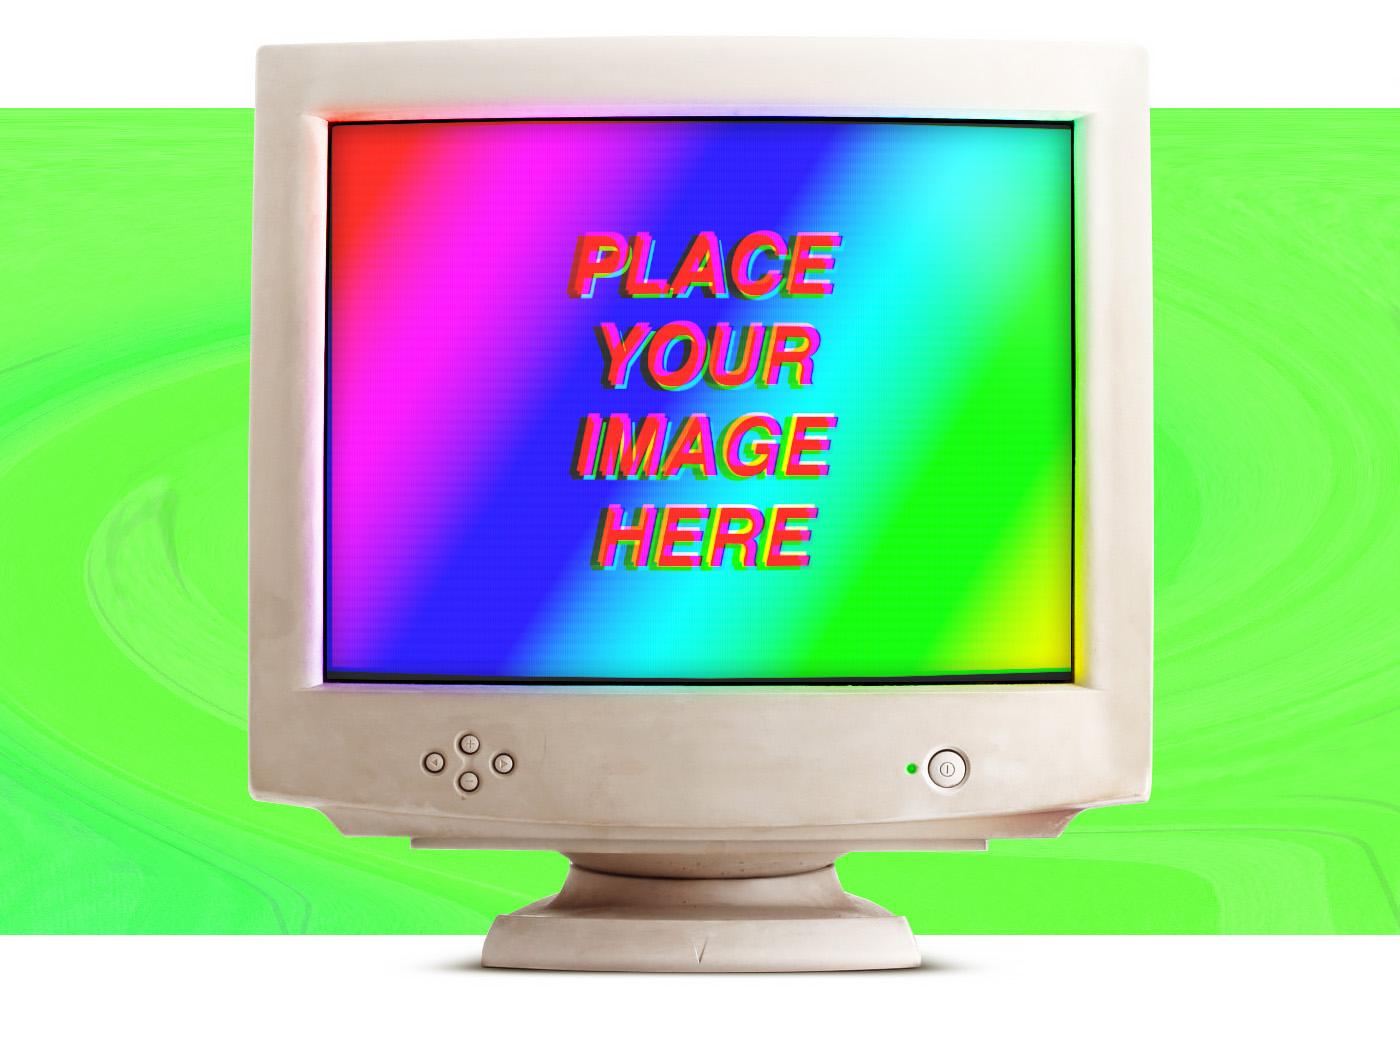 Mockup Laptop pda Display free